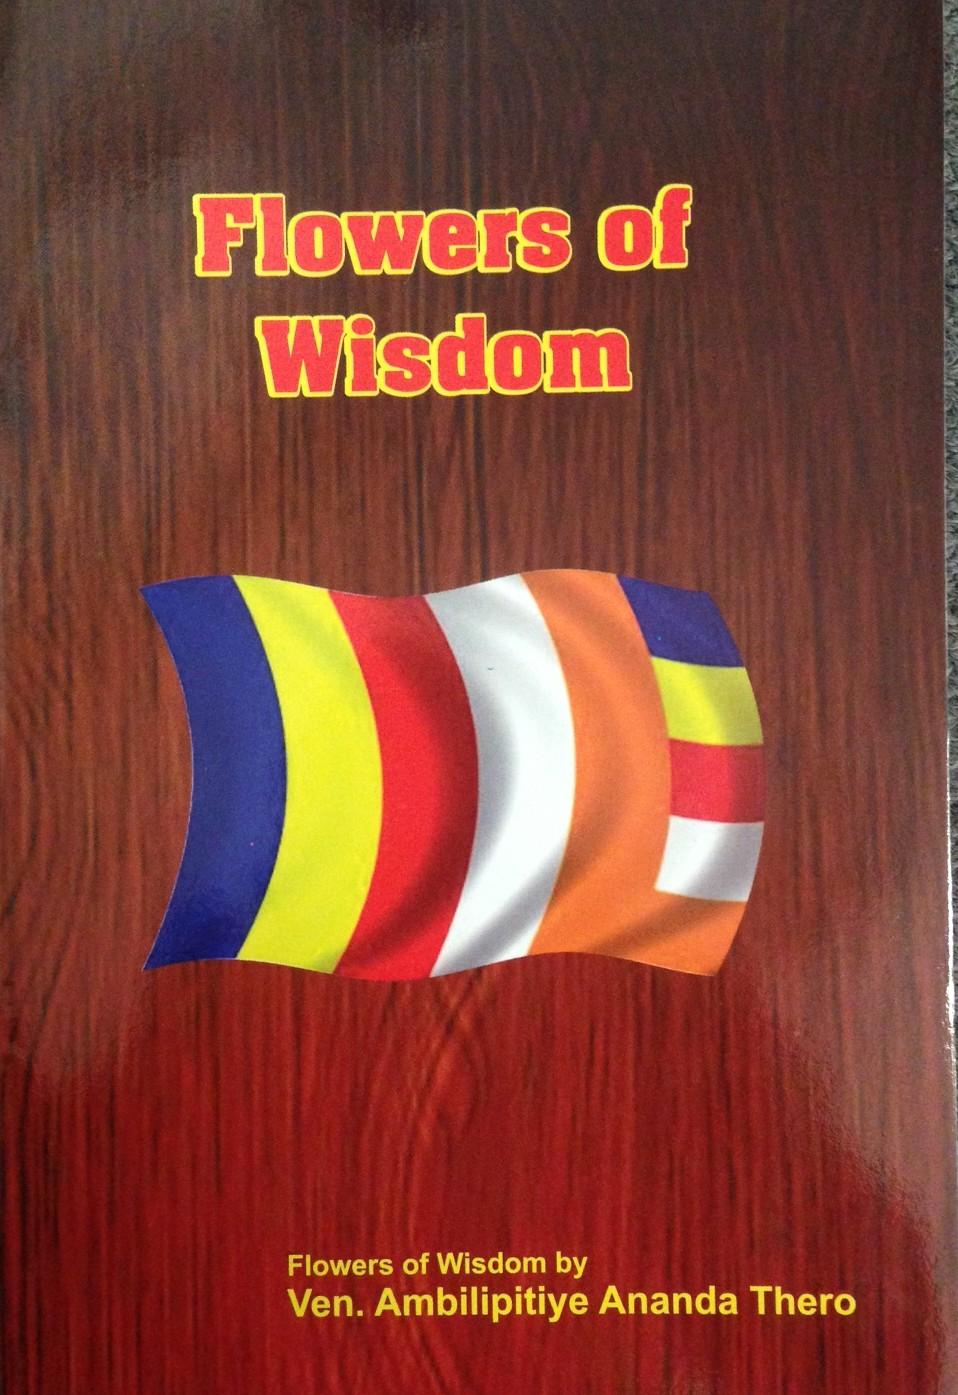 Flowers of Wisdom